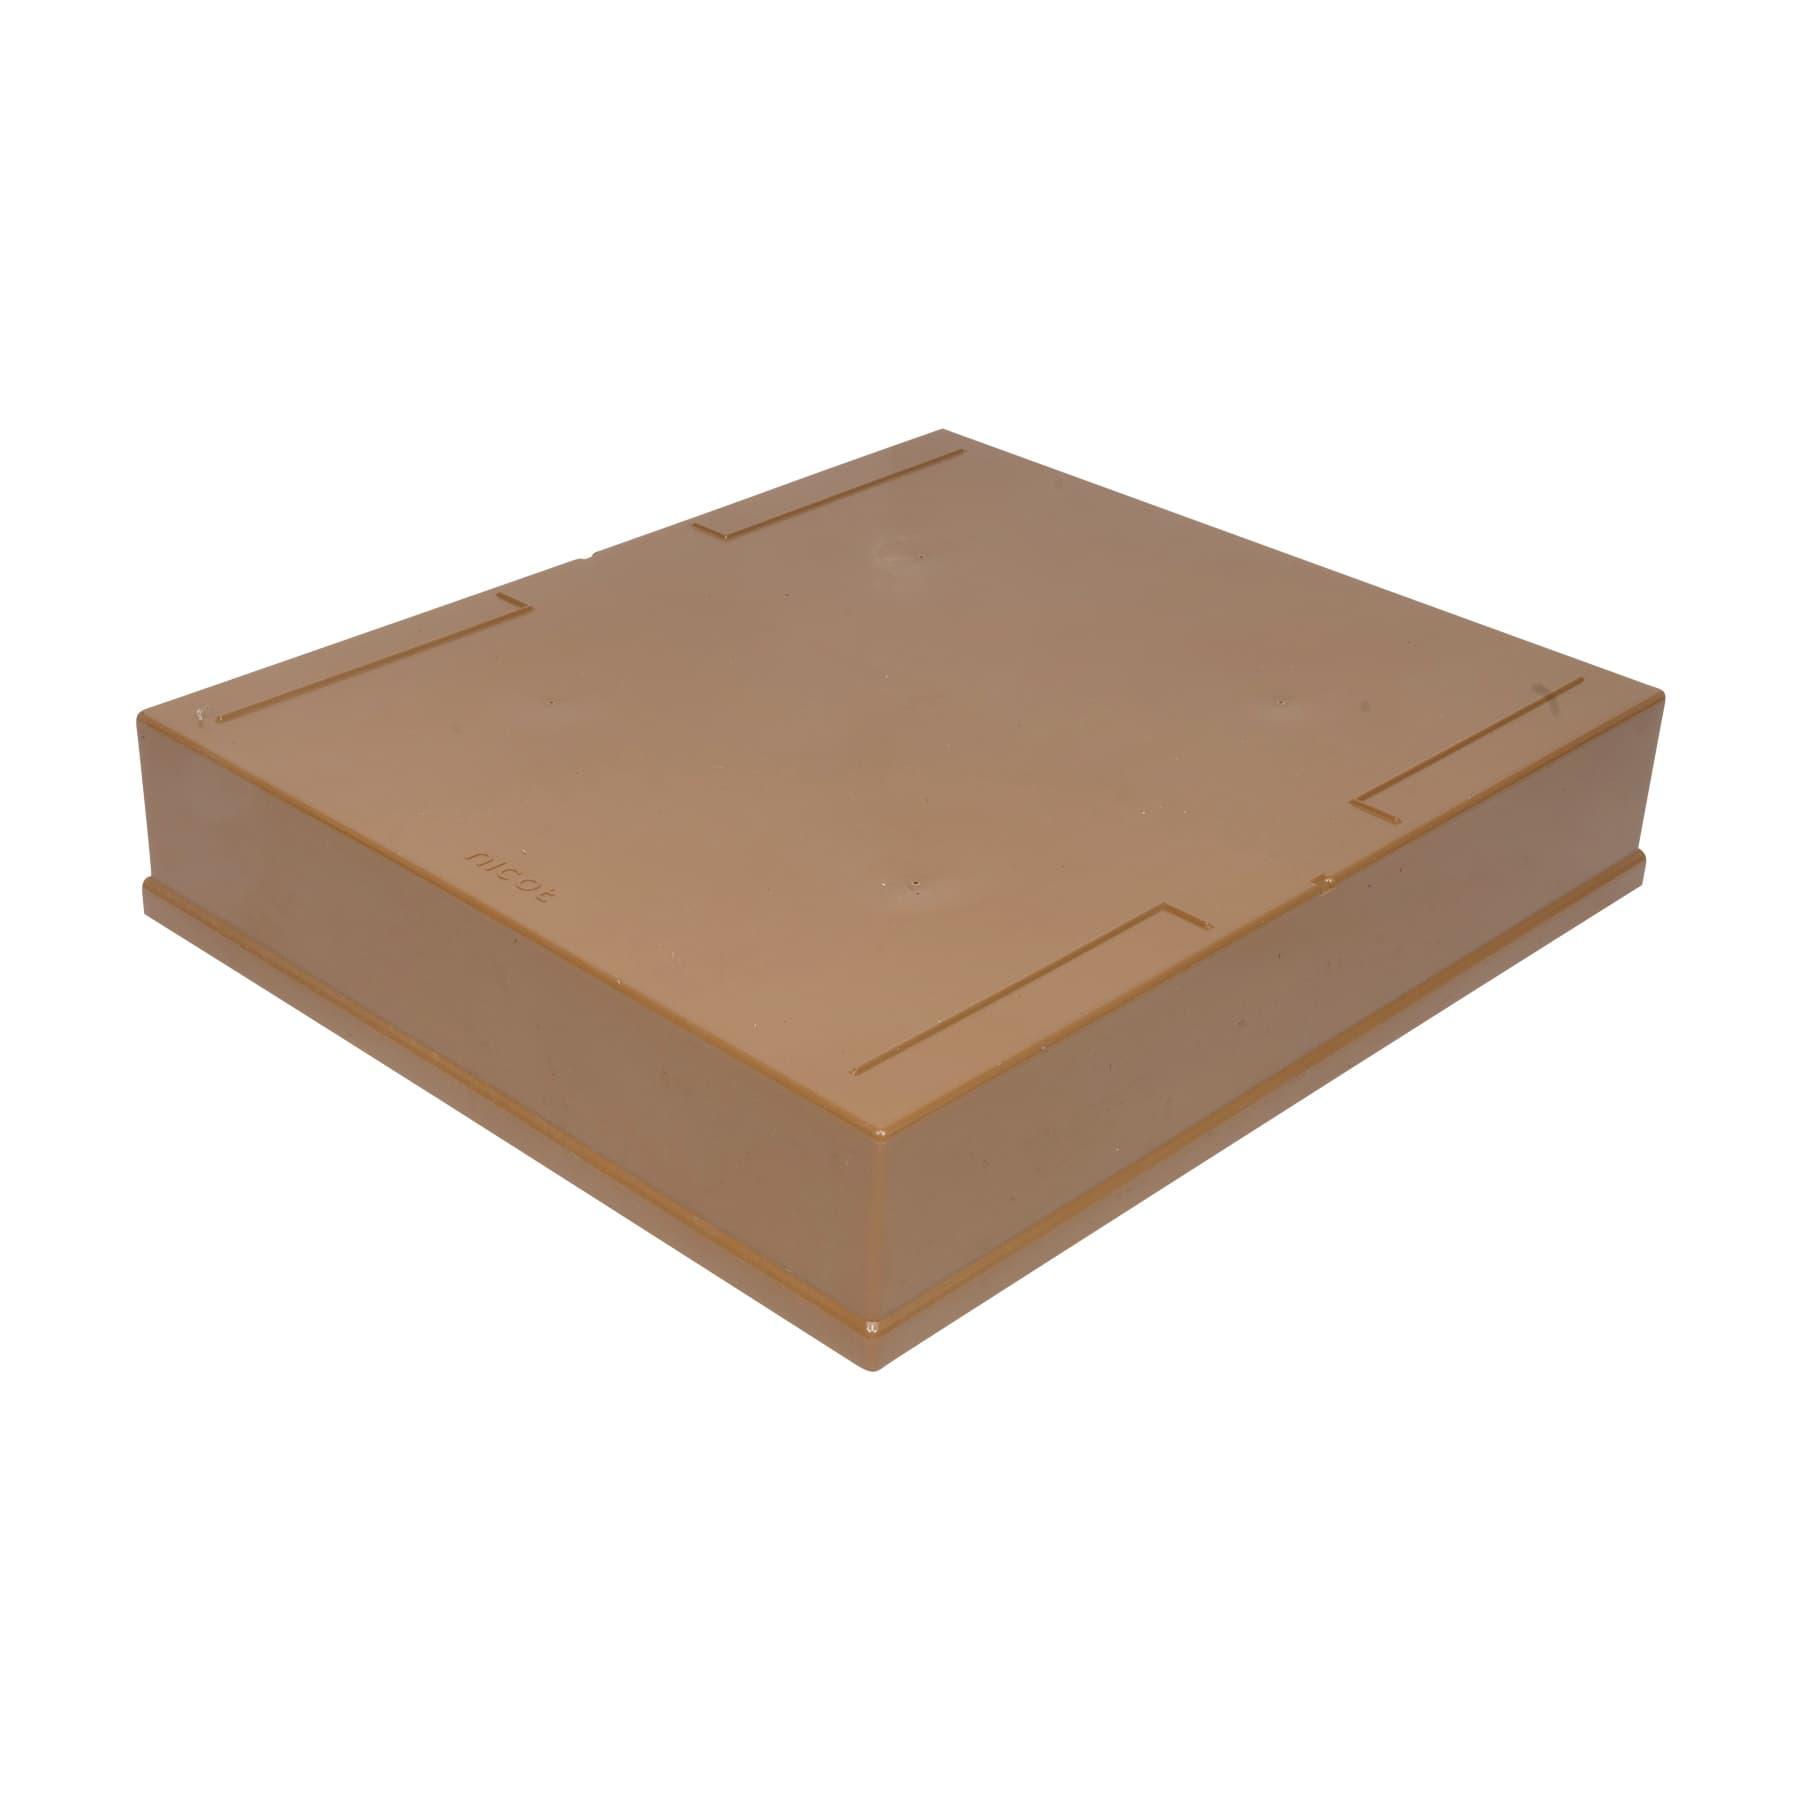 Nicot Deckel für Dadantzarge Kunststoff, Dadant Blatt 10 Waben